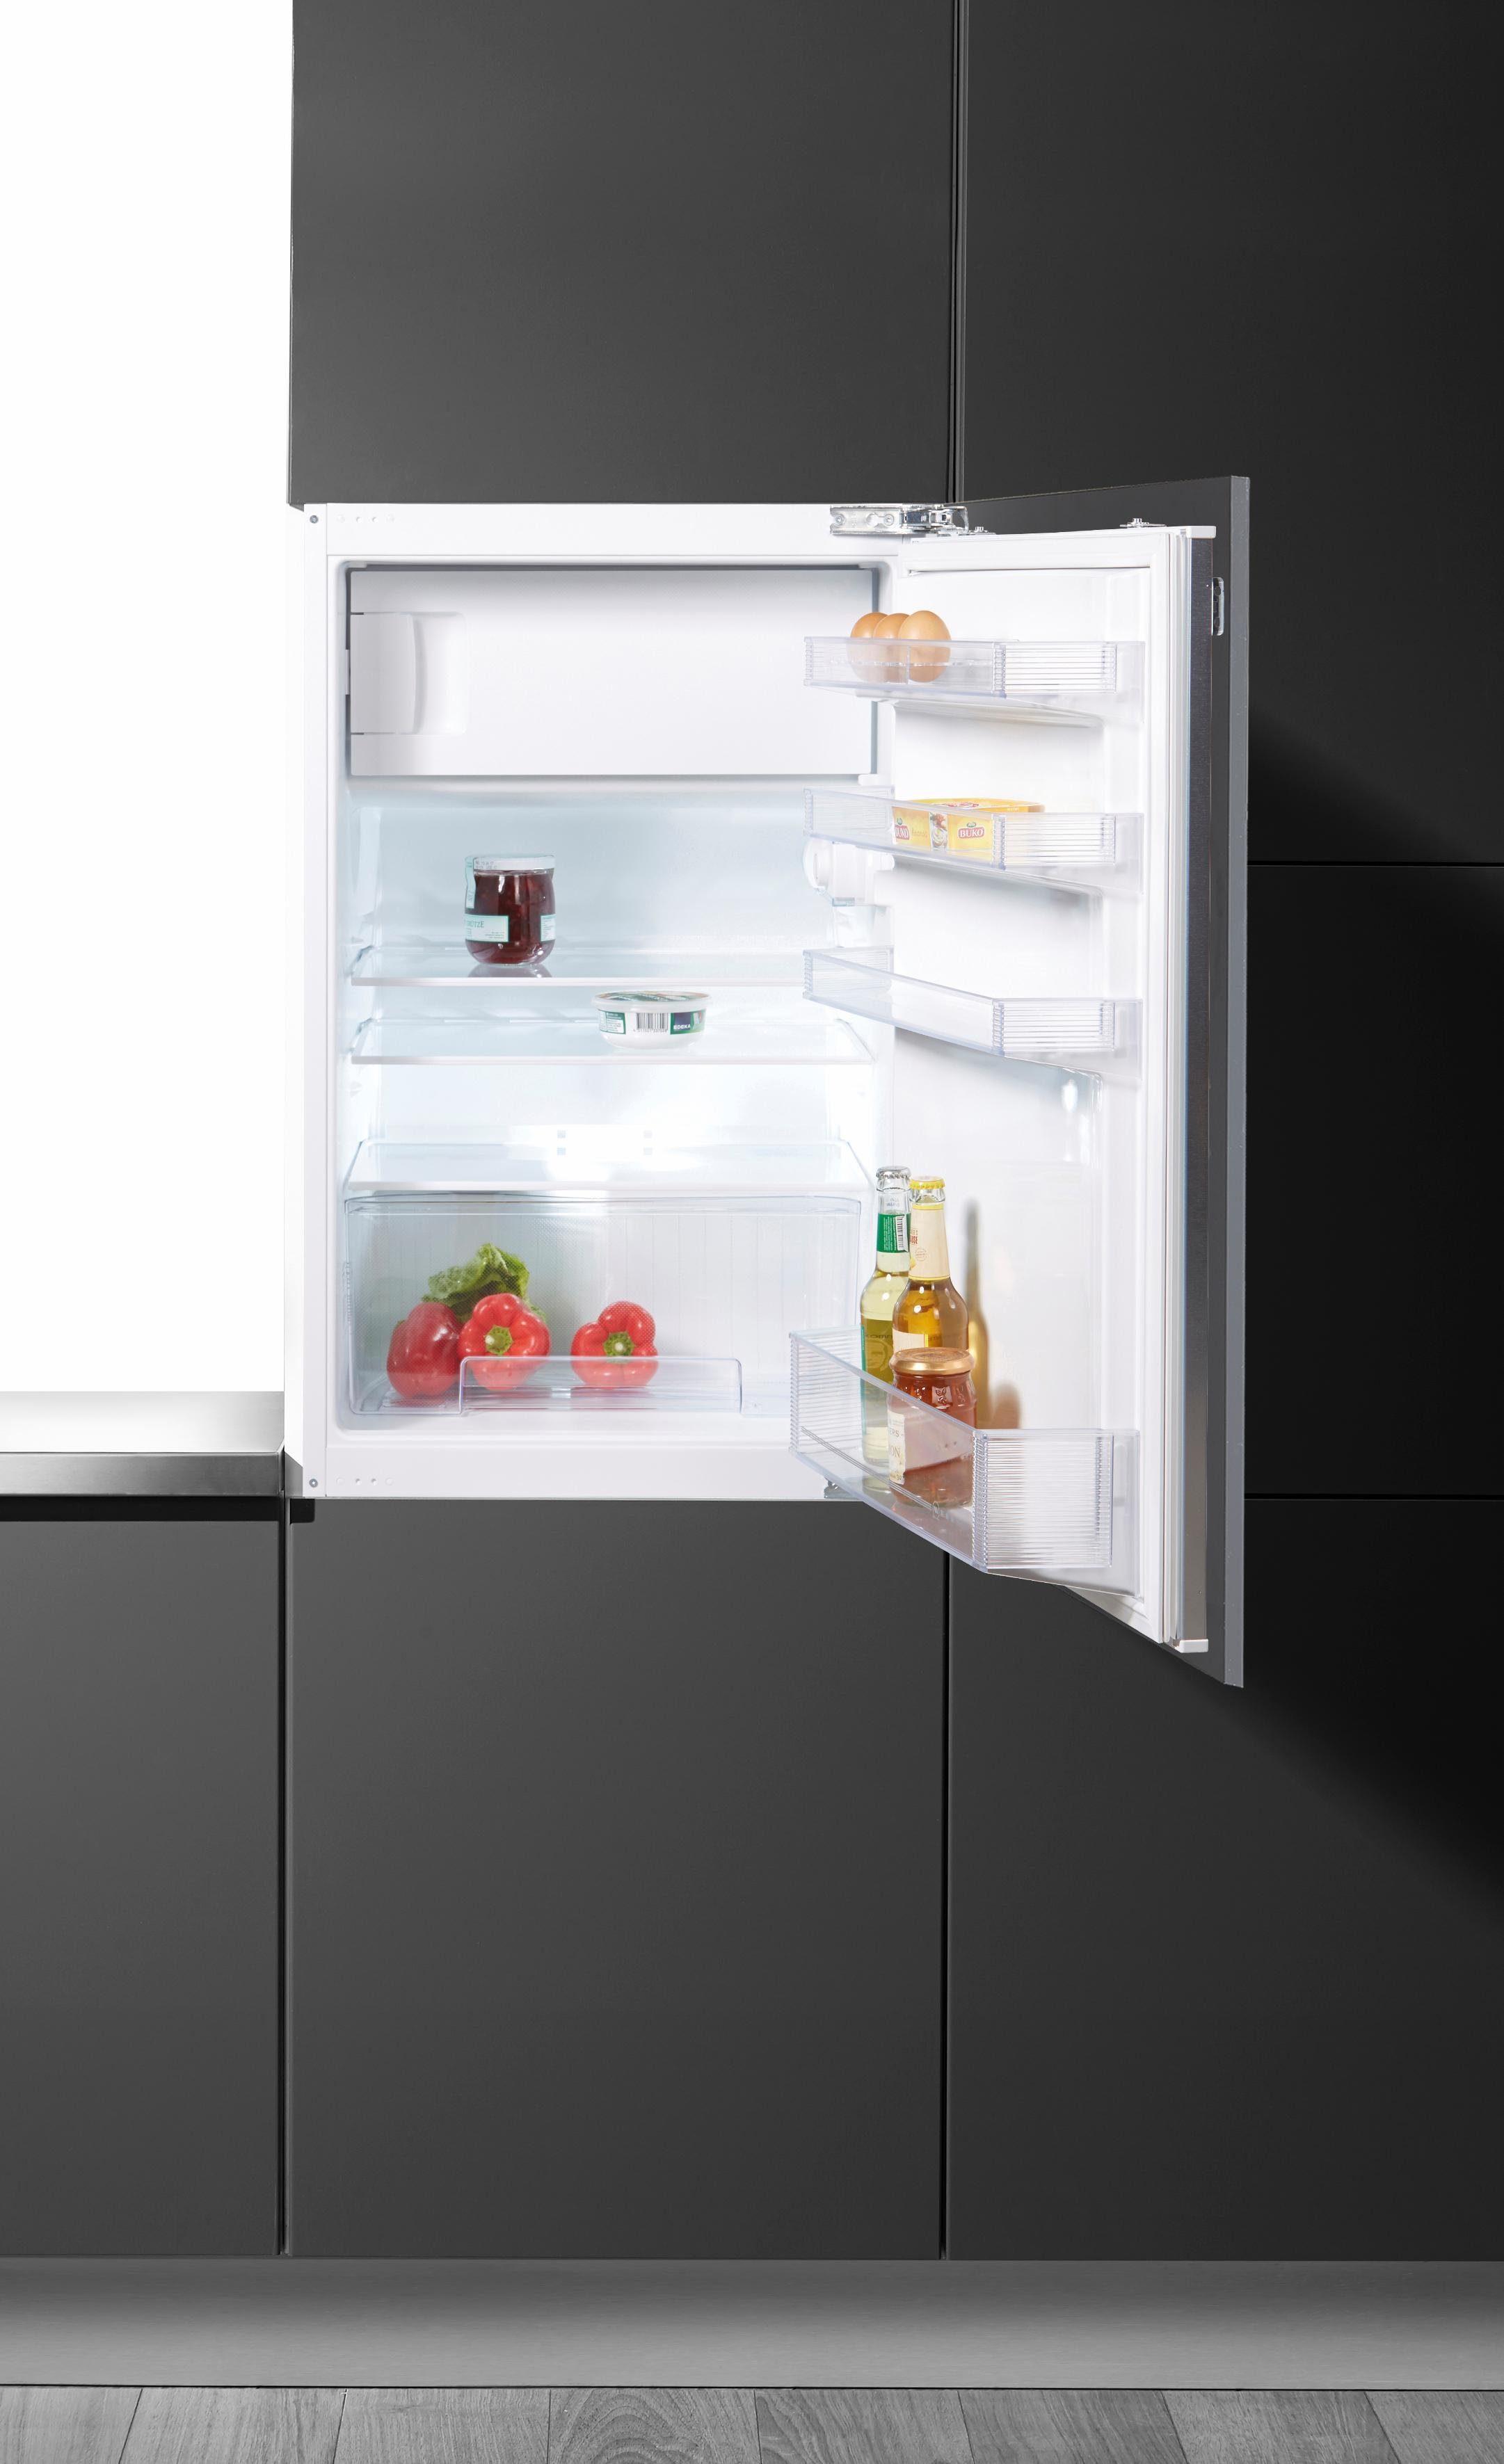 NEFF Einbaukühlschrank K224A2 / K1524X9, 87,4 cm hoch, 54,1 cm breit, integrierbar